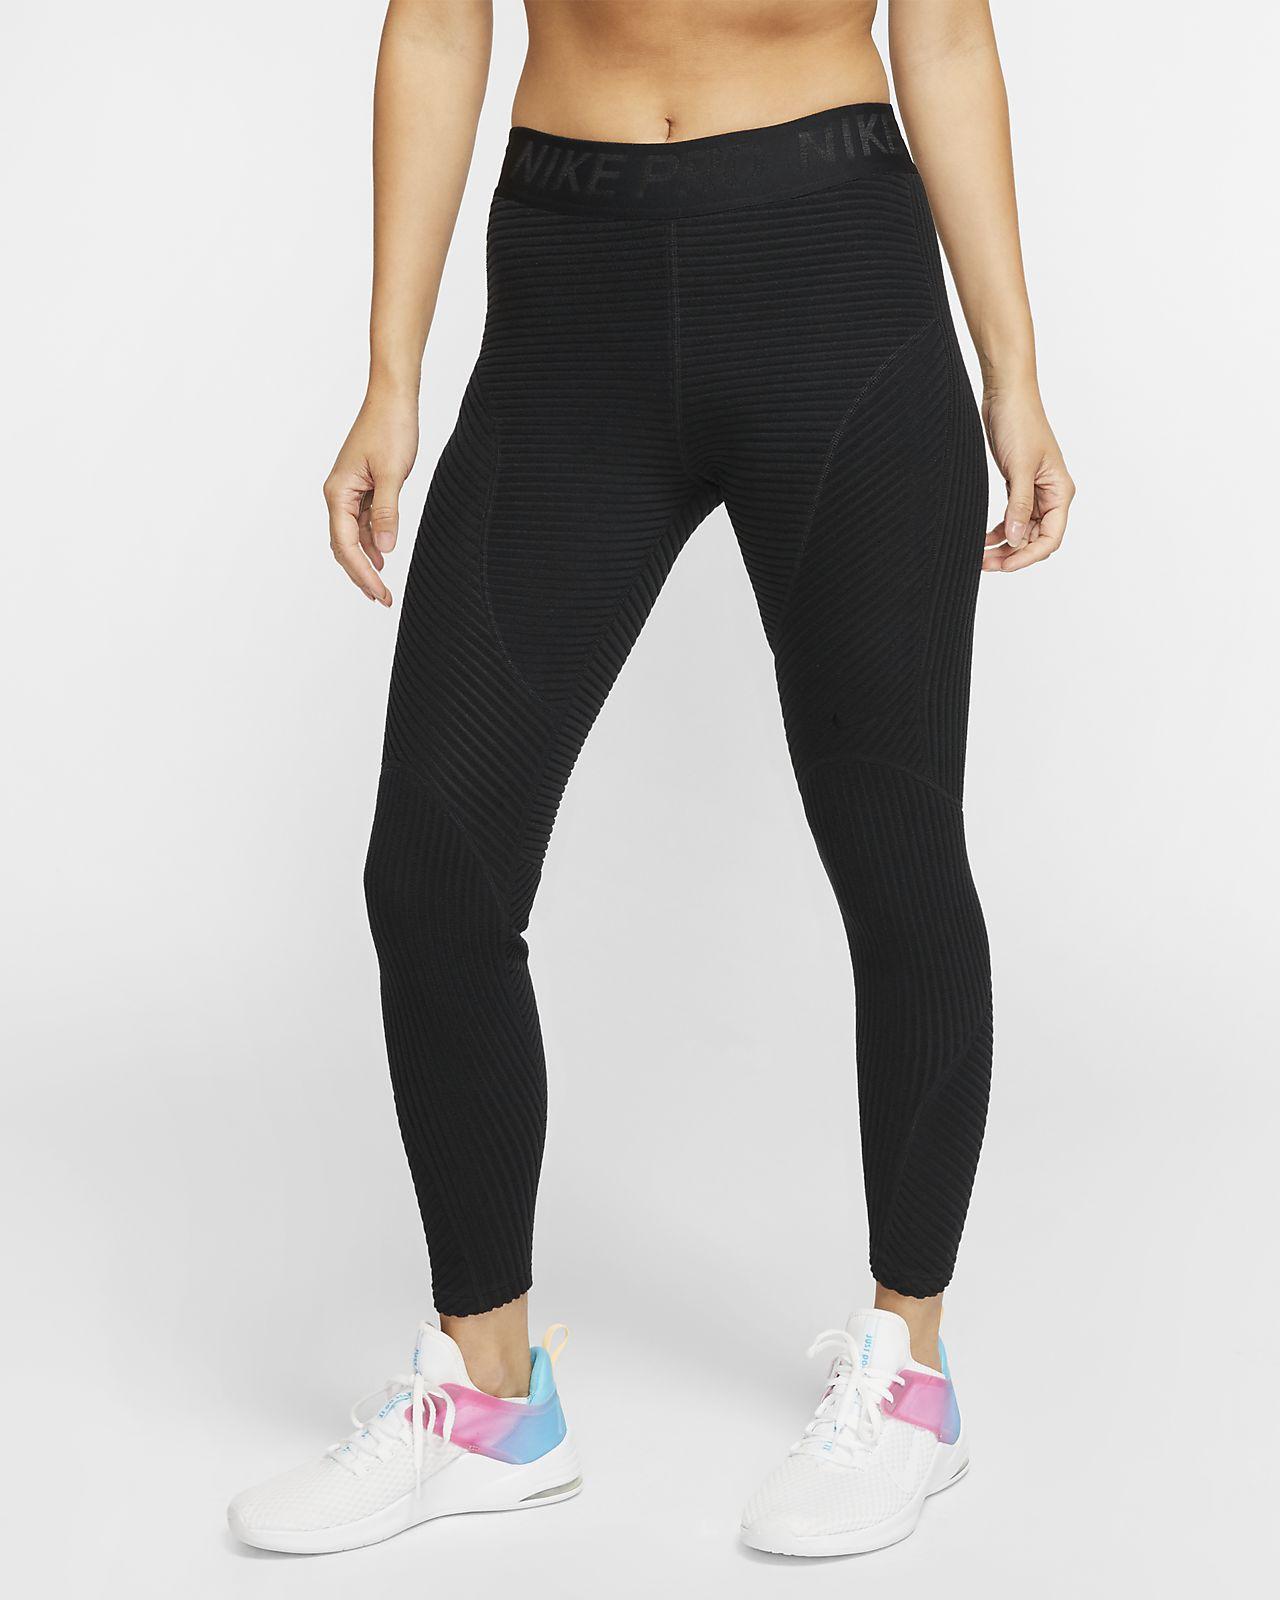 Nike Pro HyperWarm Velours-Tights für Damen